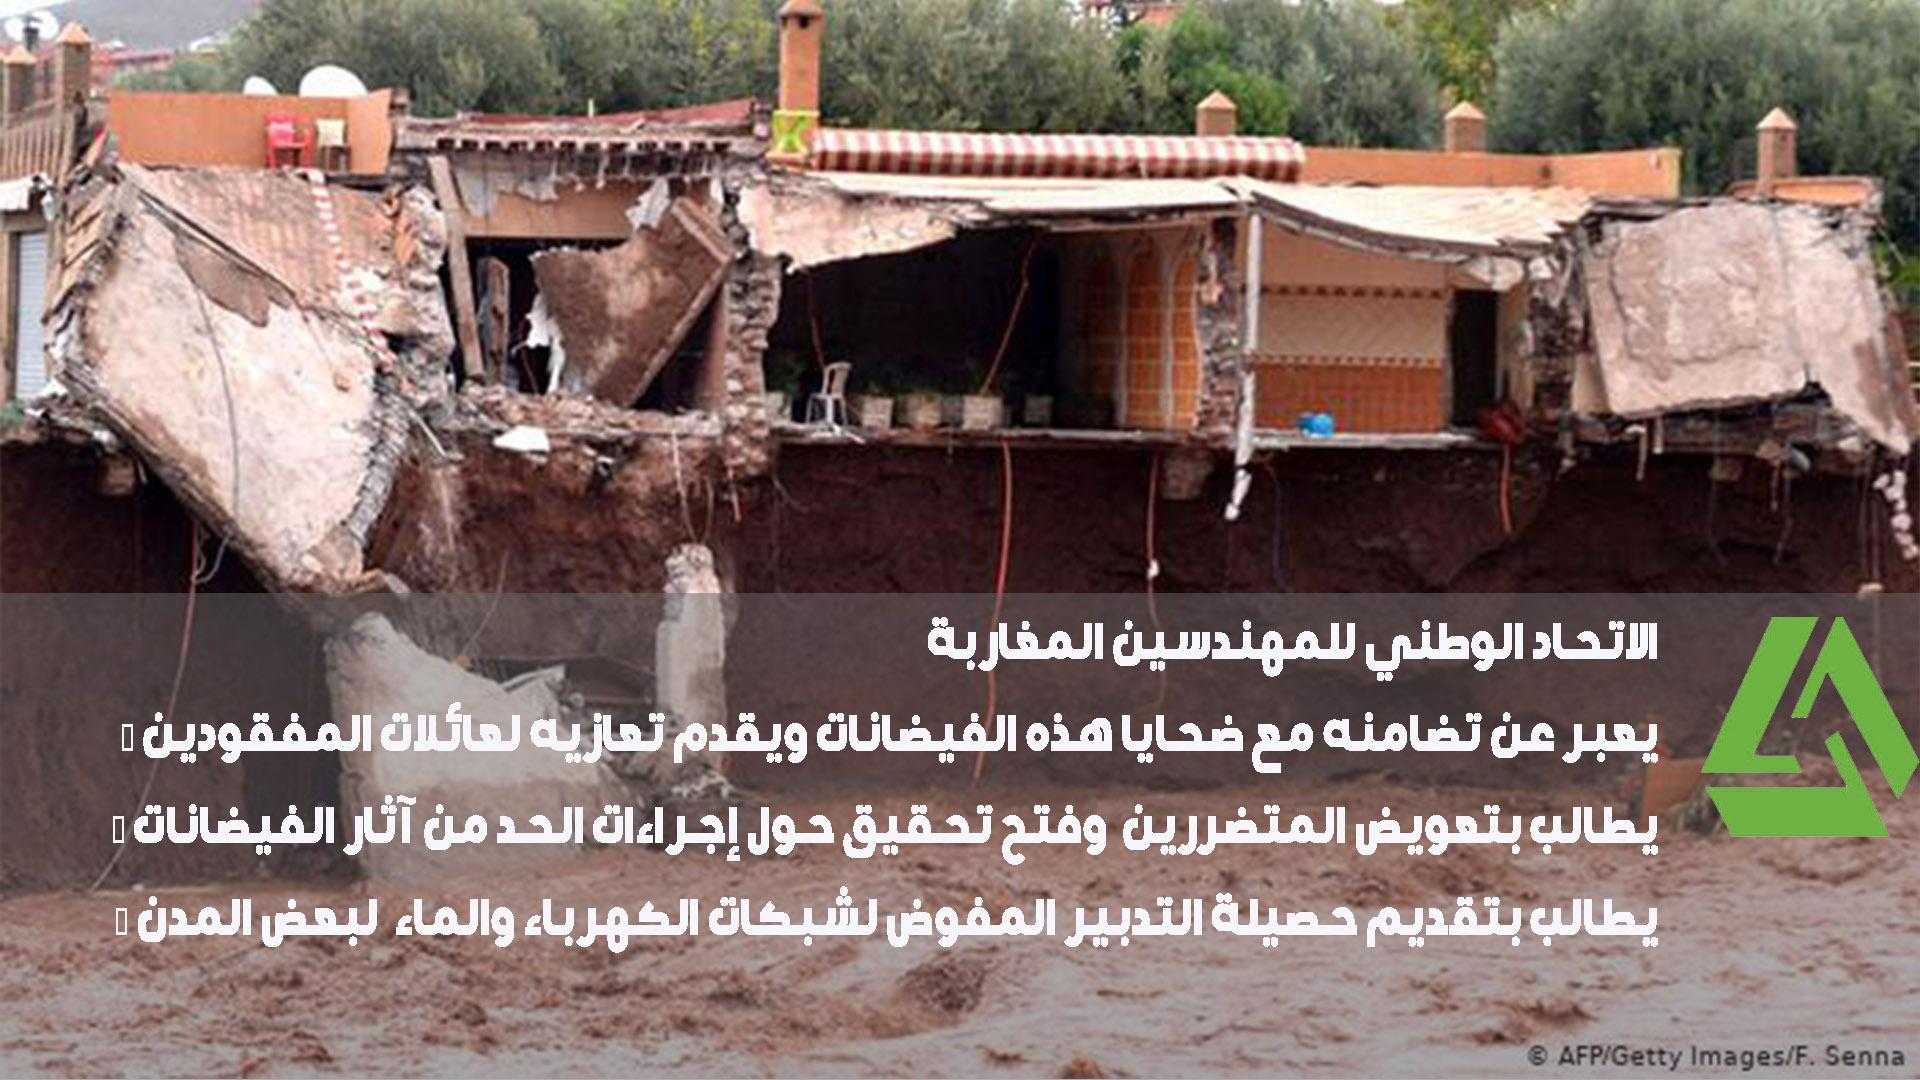 صورة الفياضانات بالمغرب